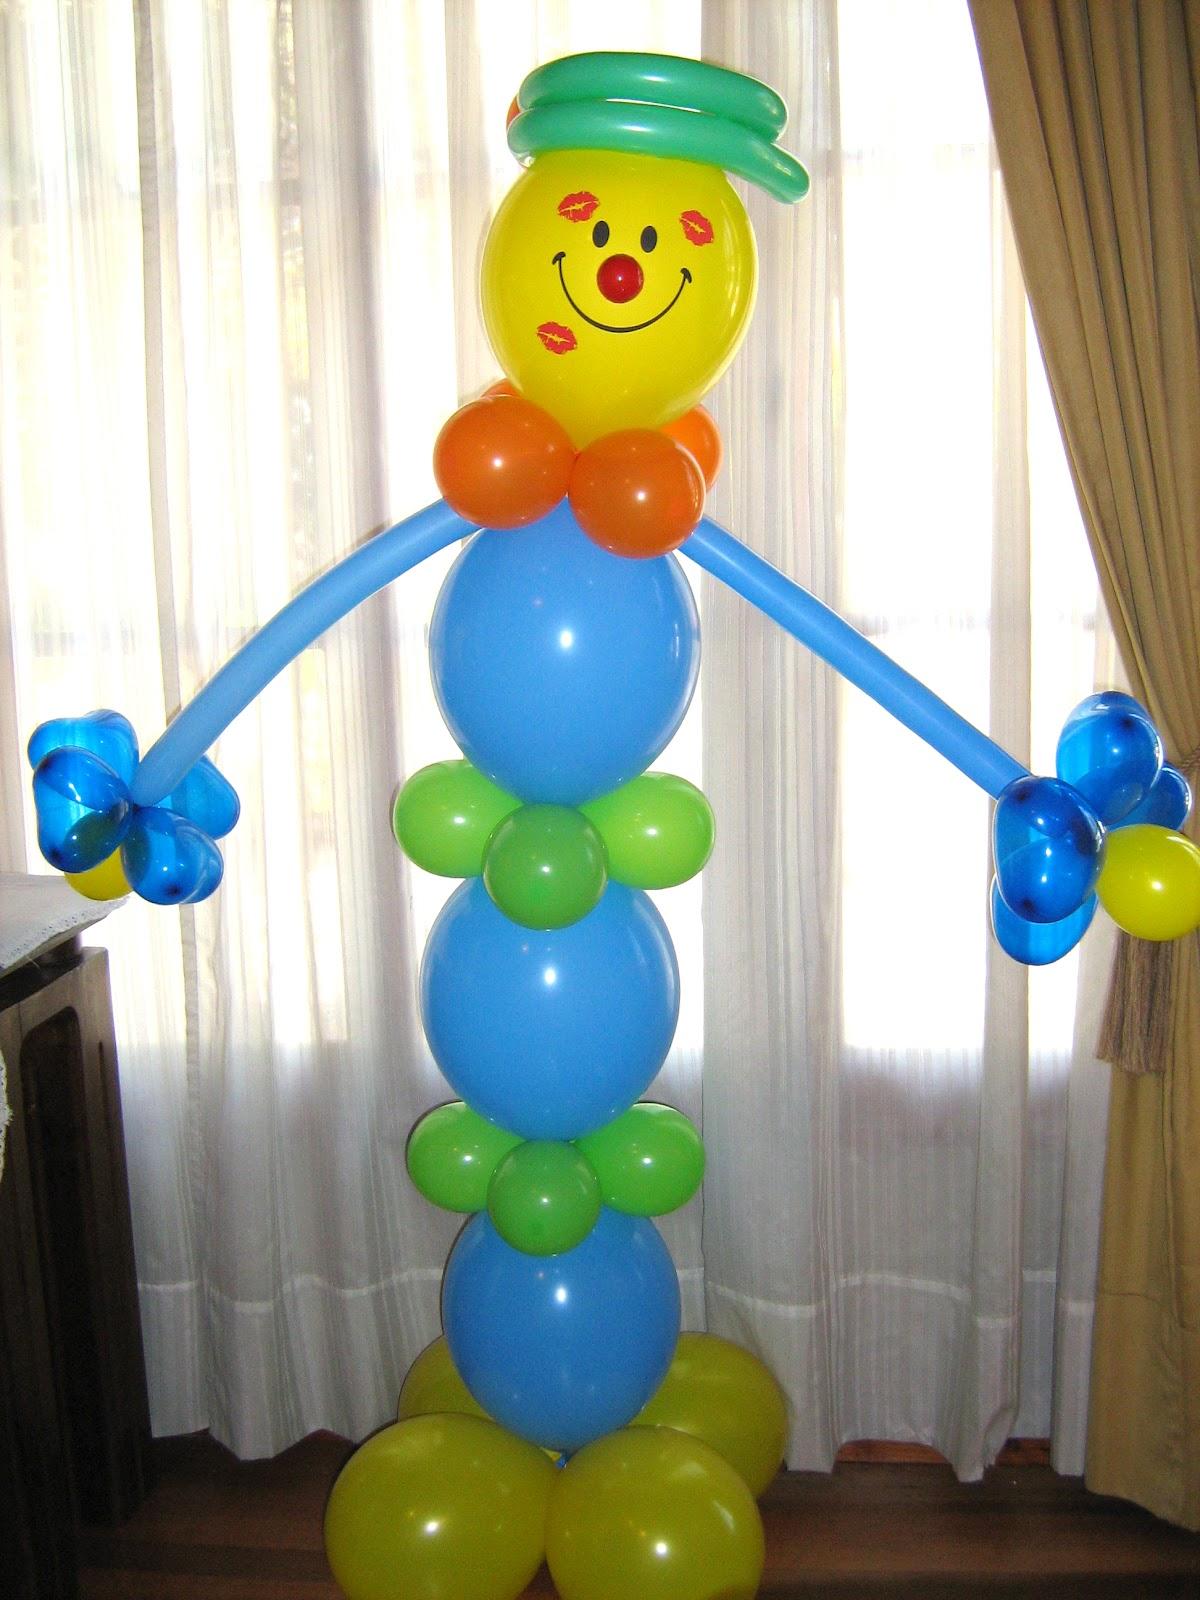 Ideas locuras y creaciones lindos arreglos con globos - Arreglos fiestas infantiles ...